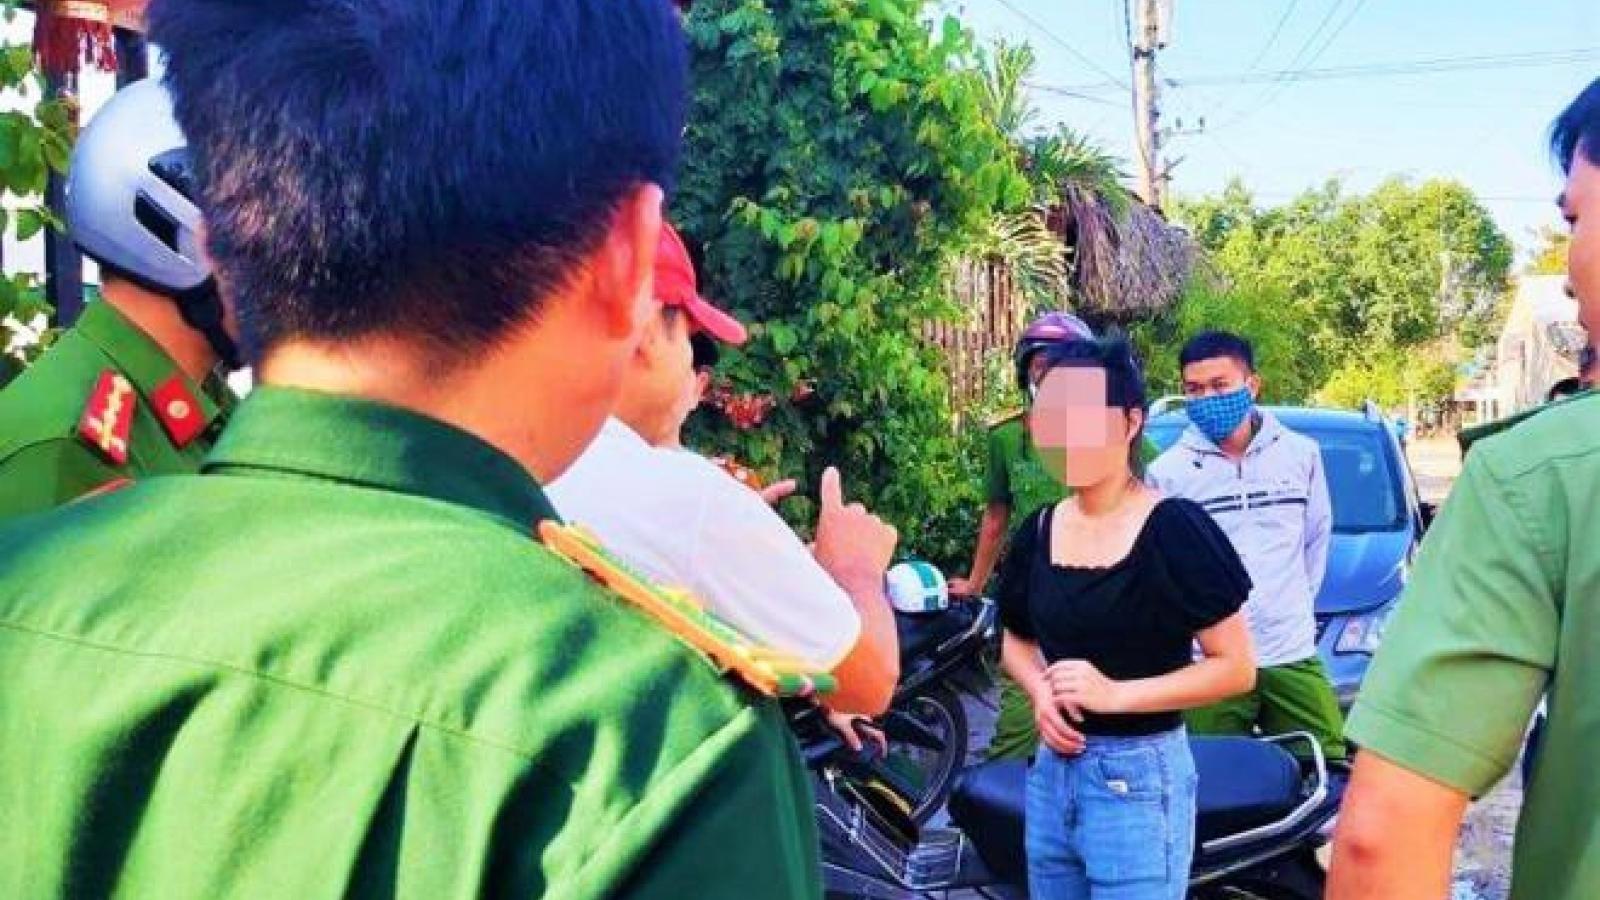 Bộ Công an mở cao điểm tấn công tội phạm, ngăn chặn nhập cảnh trái phép